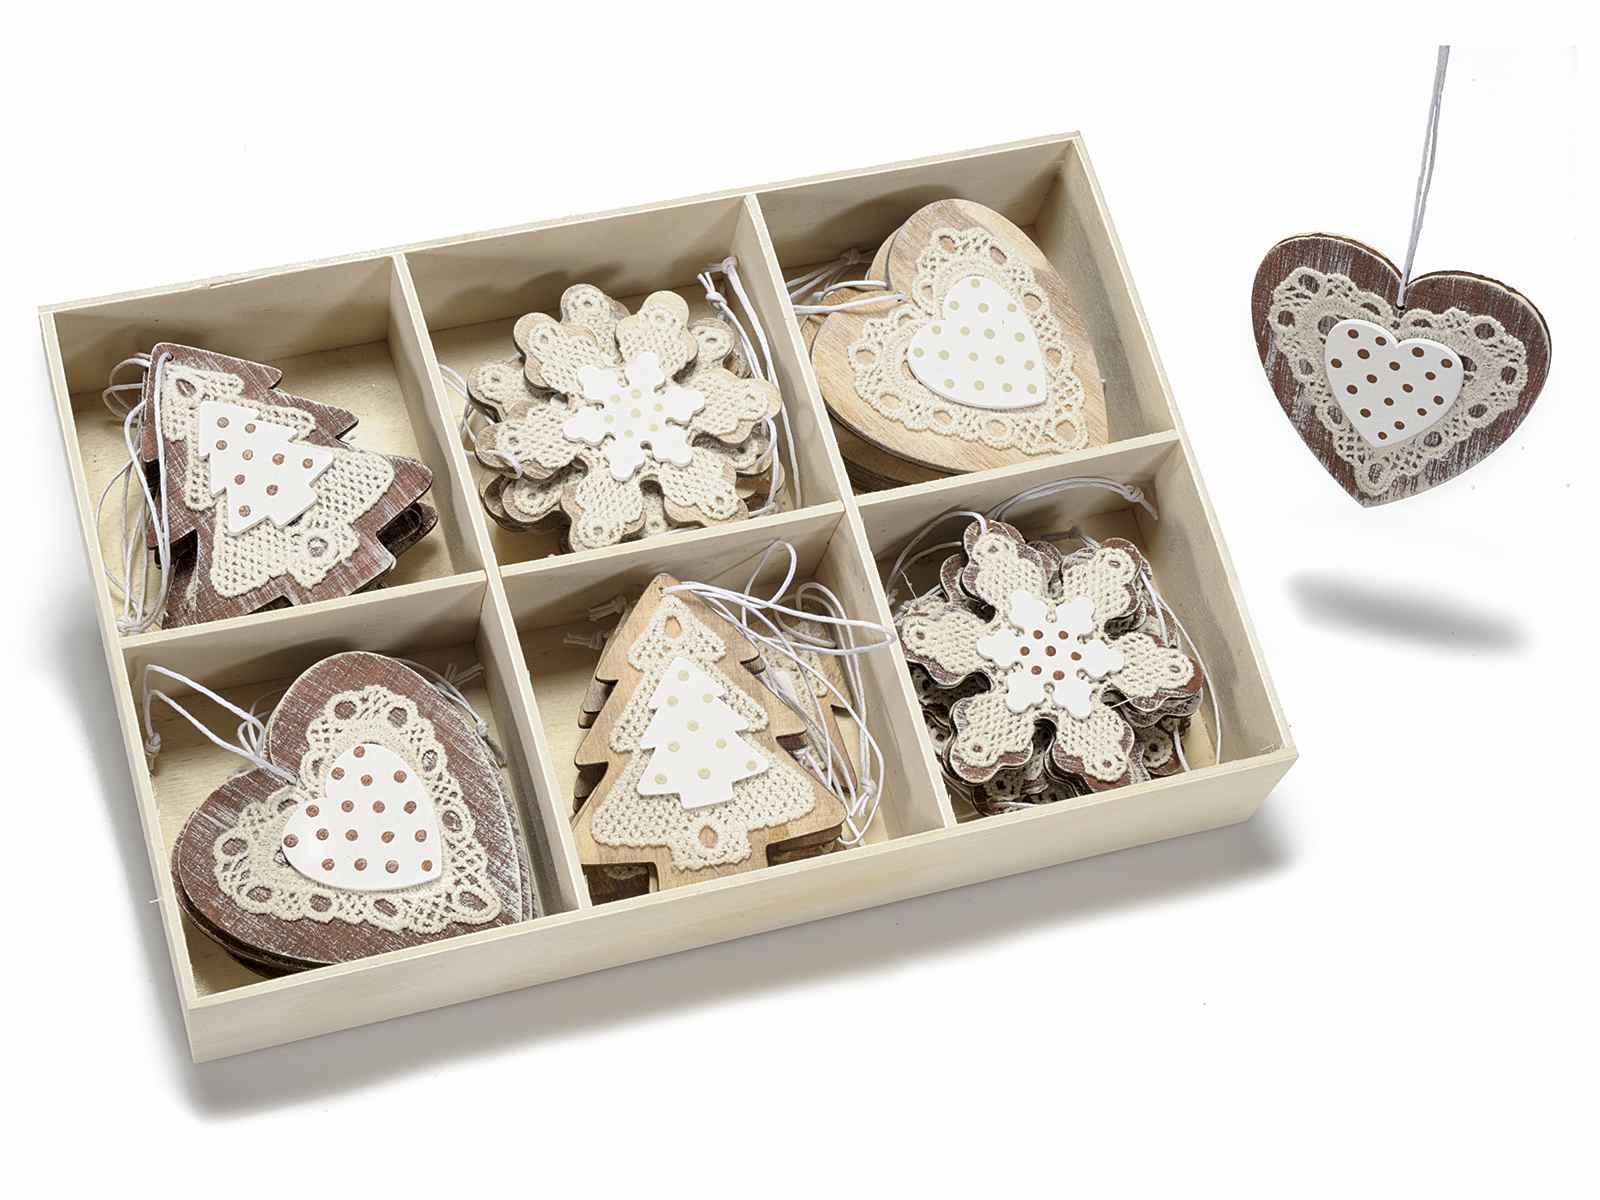 Espositore 36 decori in legno e pizzo da appendere for Decorazioni natalizie in legno da appendere